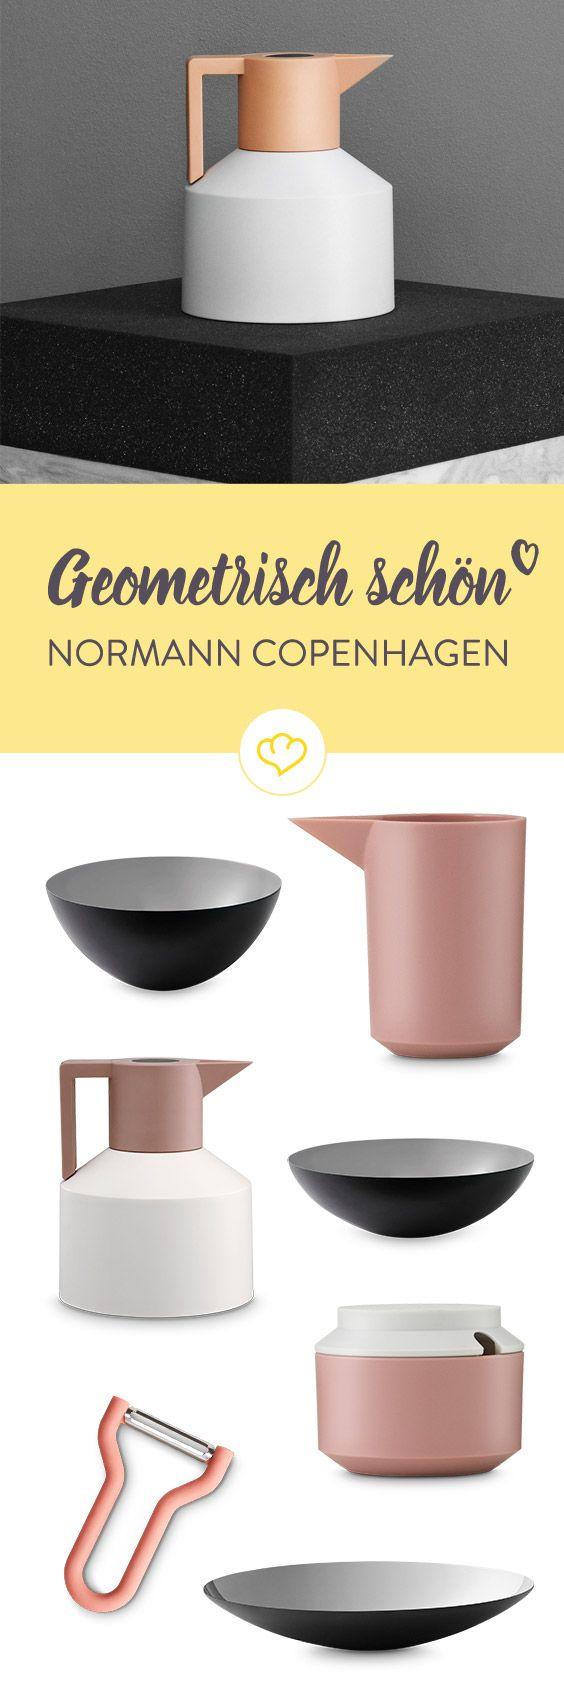 Mit den geometrischen Design von Normann Copenhagen bringst du klare Formen auf deinen Tisch. Schick und funktional werden die Produkte zum Hingucker in deiner Küche.